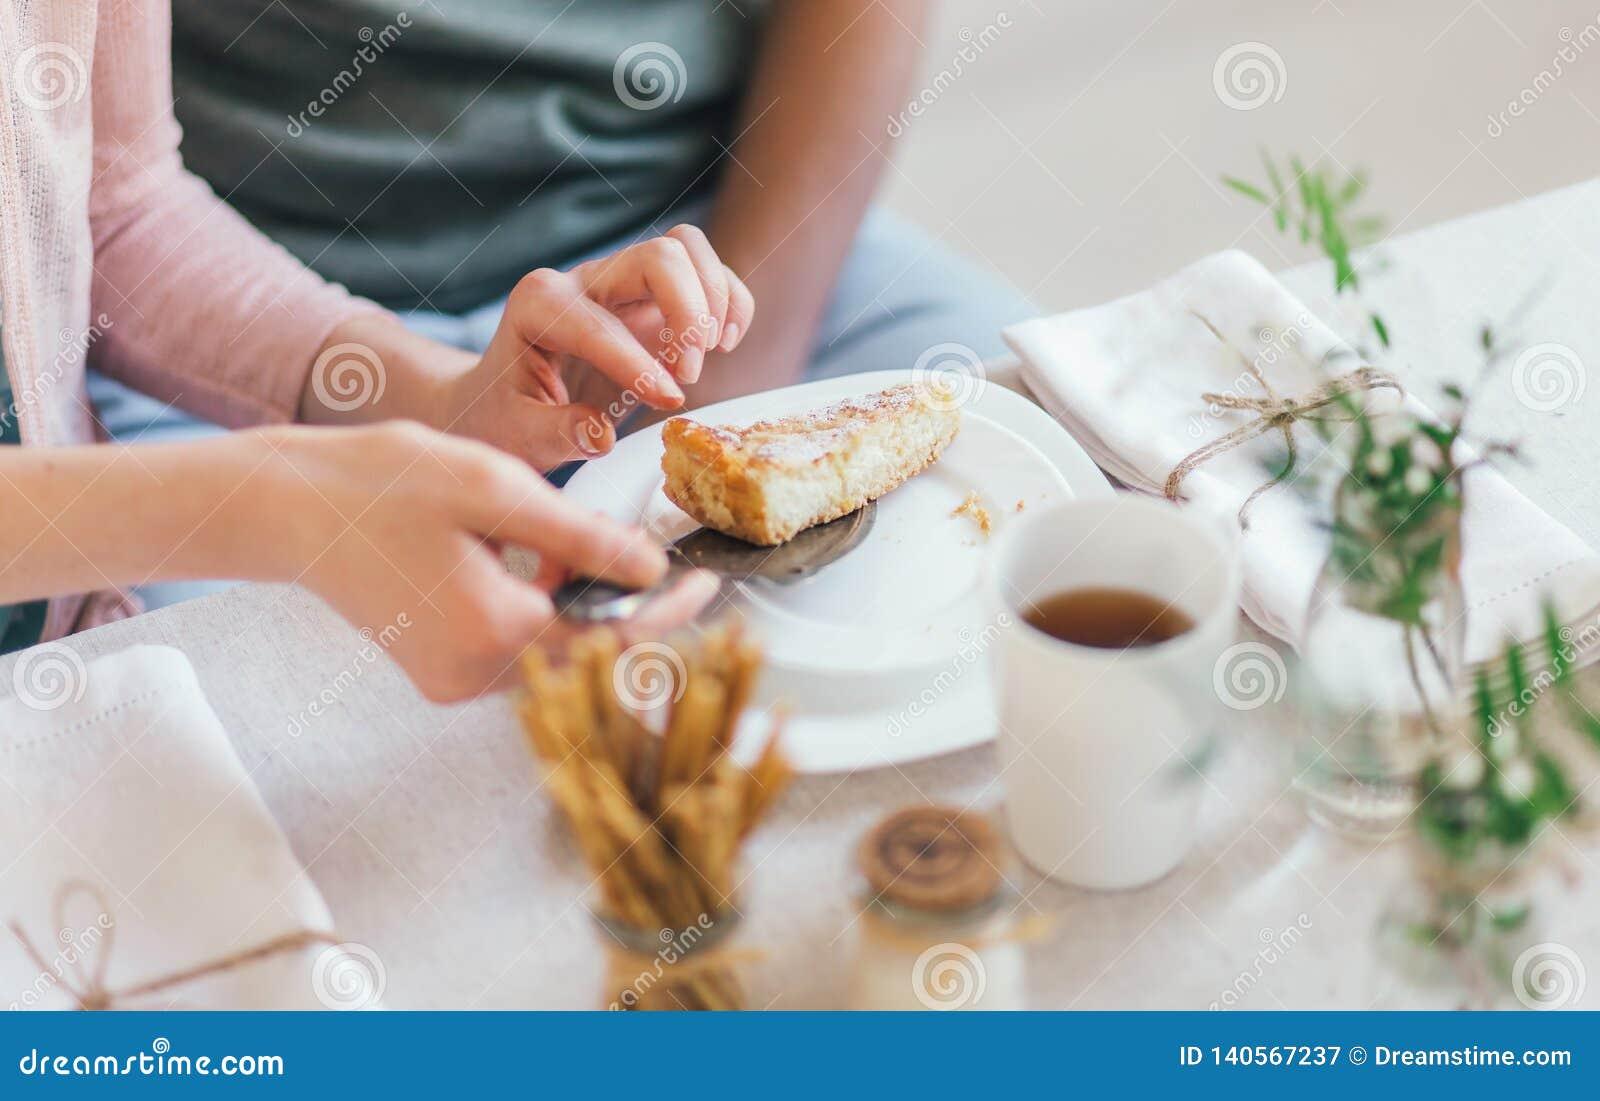 En paj för frukost i händerna av vänner utgångspunkt